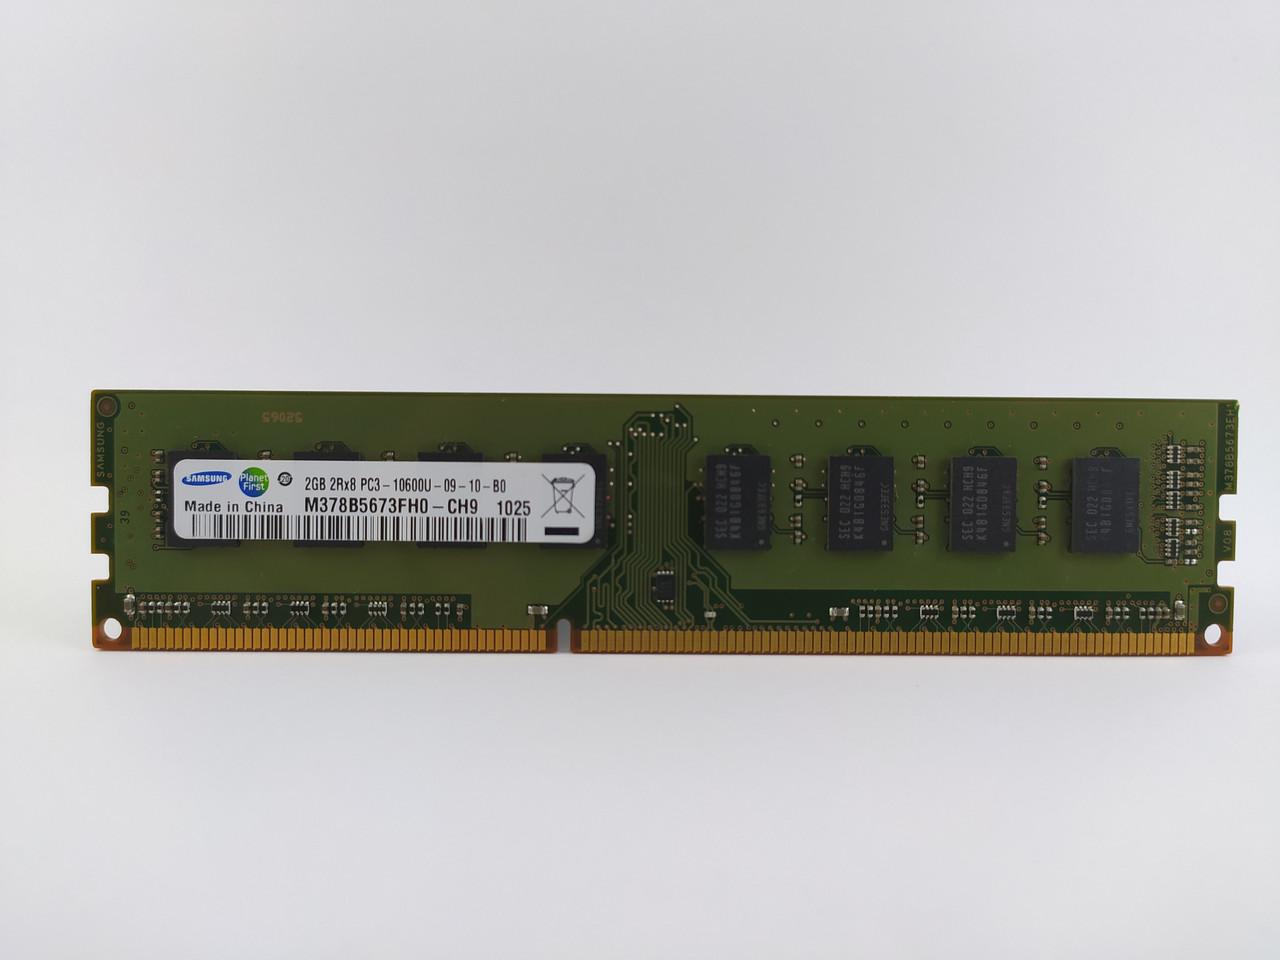 Оперативная память Samsung DDR3 2Gb 1333MHz PC3-10600U (M378B5673FH0-CH9) Б/У